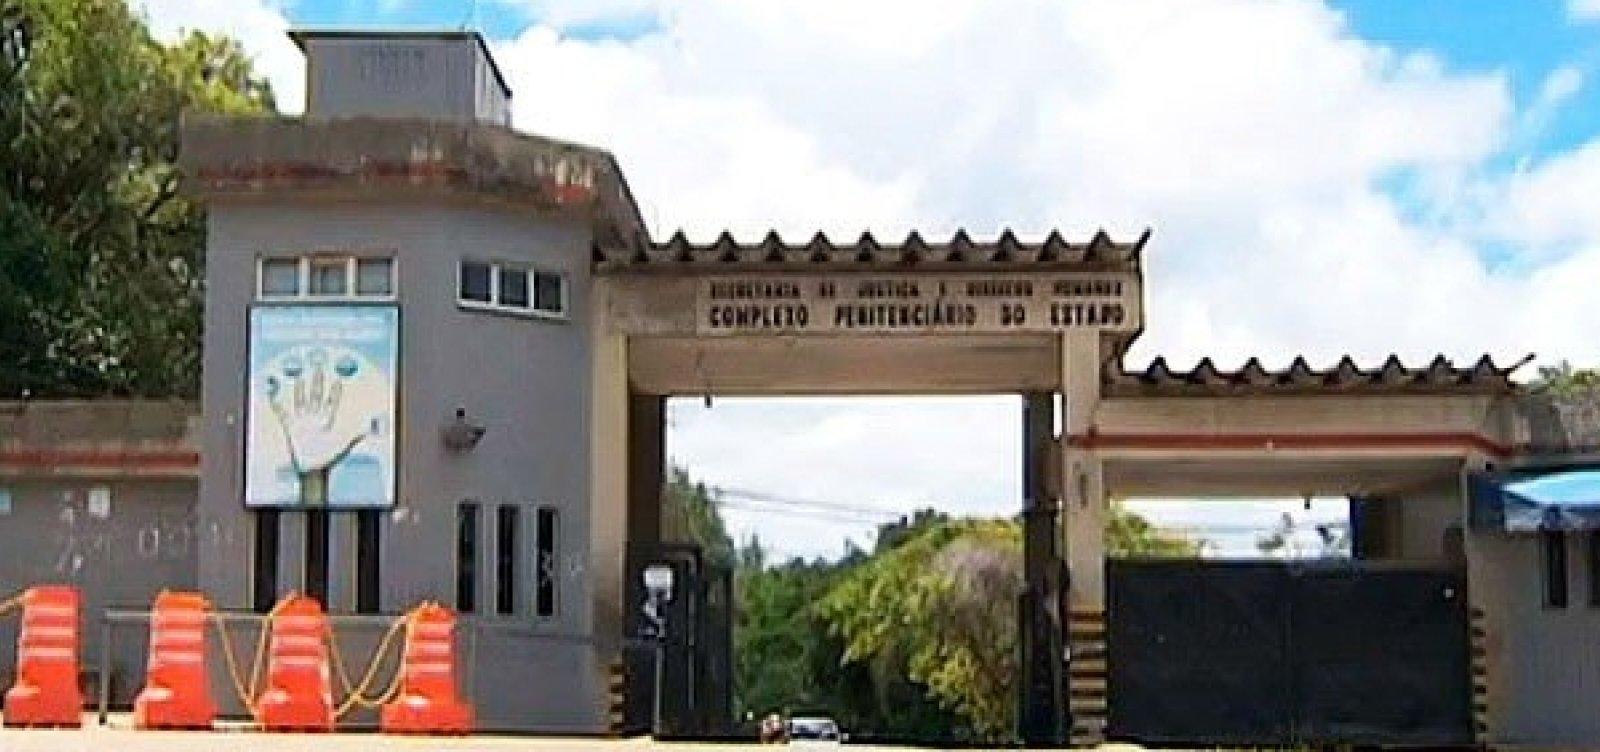 [Sete presos fogem de presídio em Salvador]